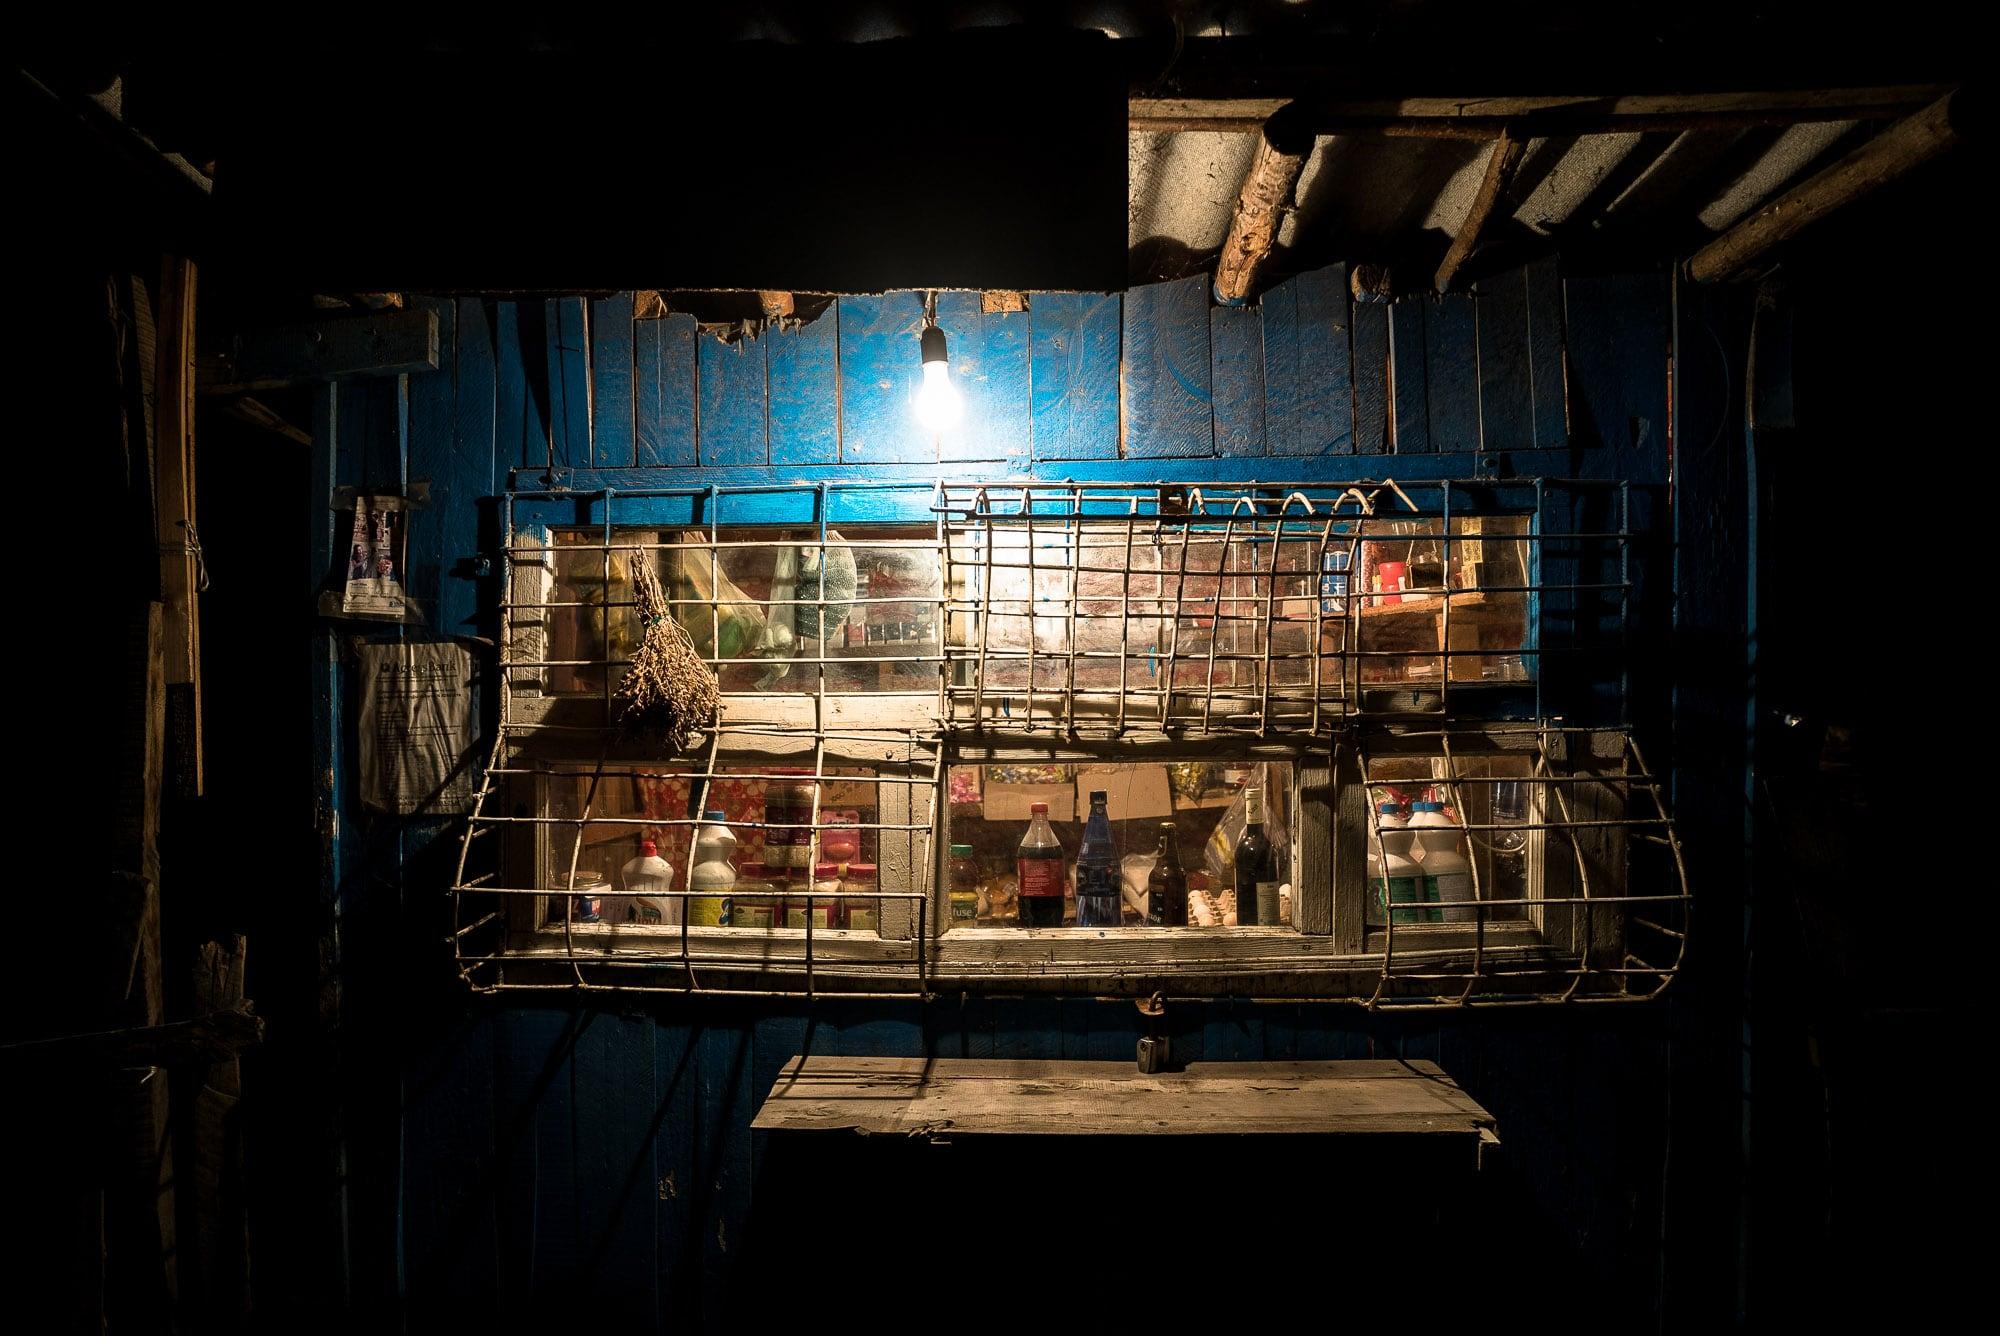 shop at night